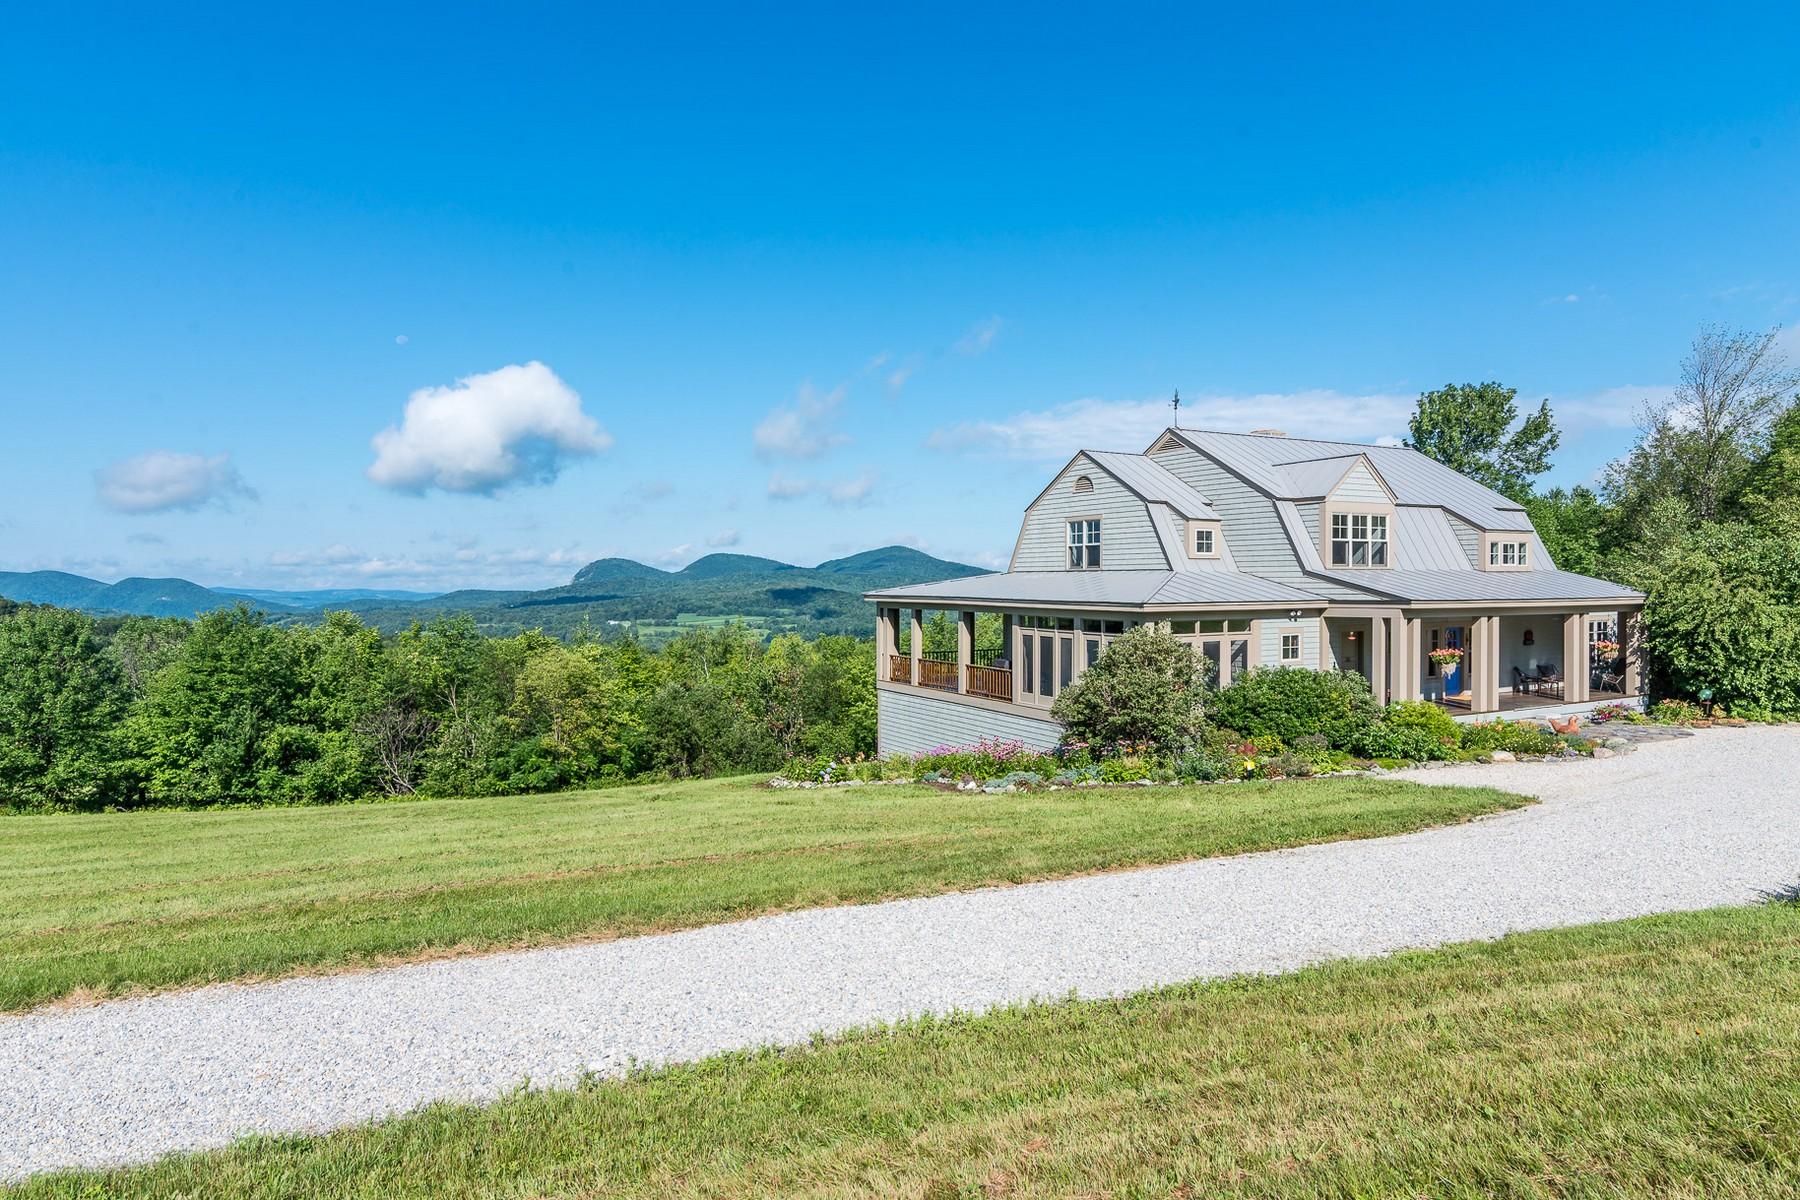 独户住宅 为 销售 在 1638 Lilly Hill Rd, Danby 丹比, 佛蒙特州 05761 美国